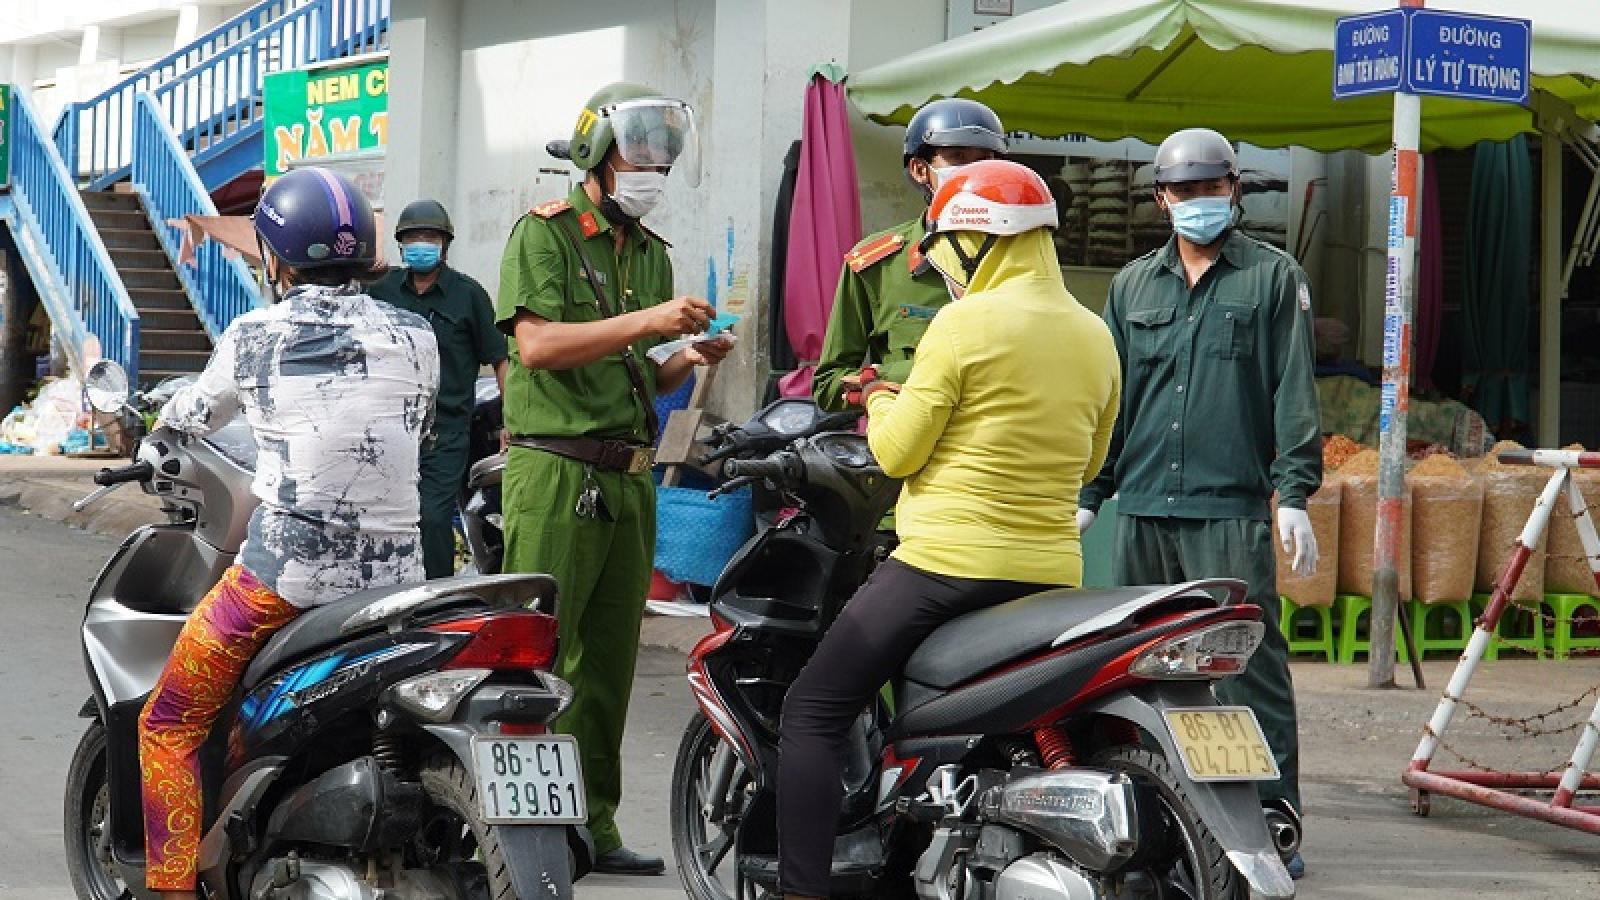 Bình Thuận cho thành phố Phan Thiết nới lỏng giãn cách